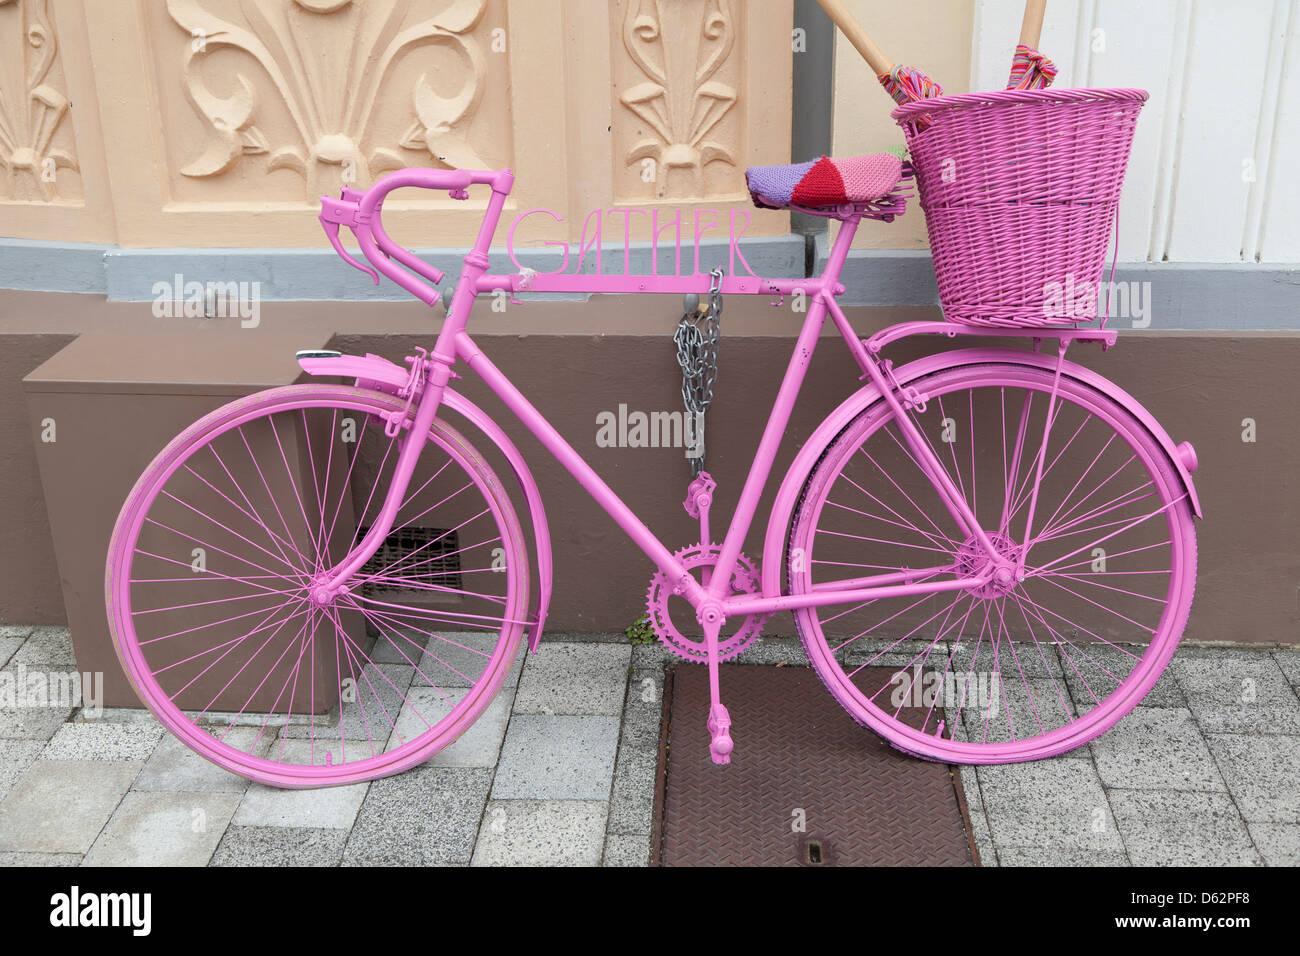 Dipinto di rosa bike come un annuncio pubblicitario in Napier, Nuova Zelanda Immagini Stock